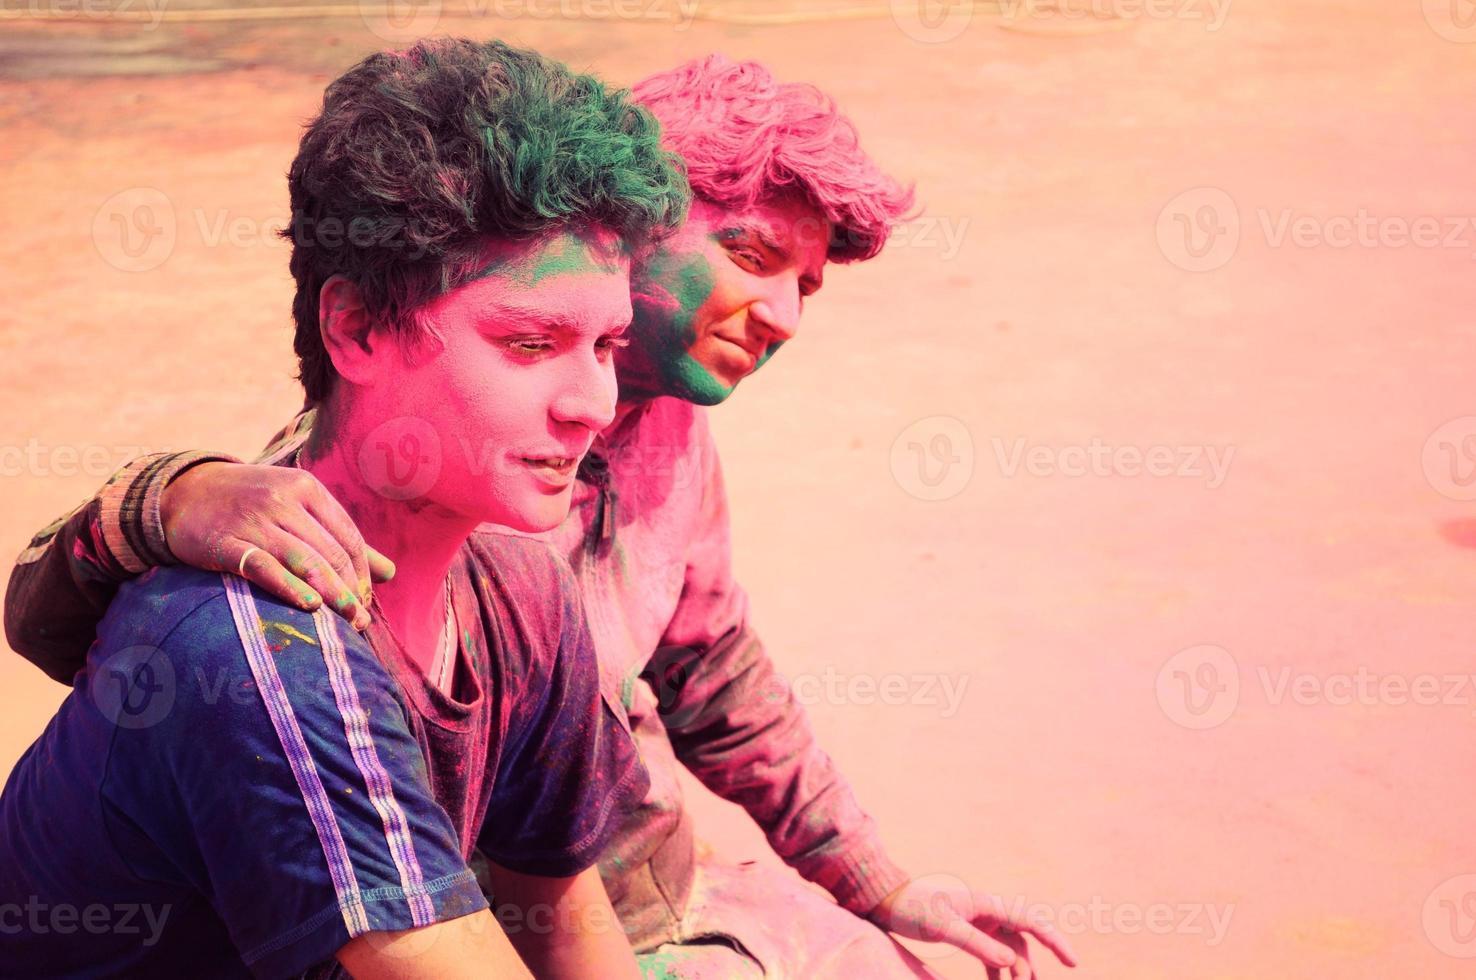 dois amigos curtindo o festival colorido de holi na Índia. foto